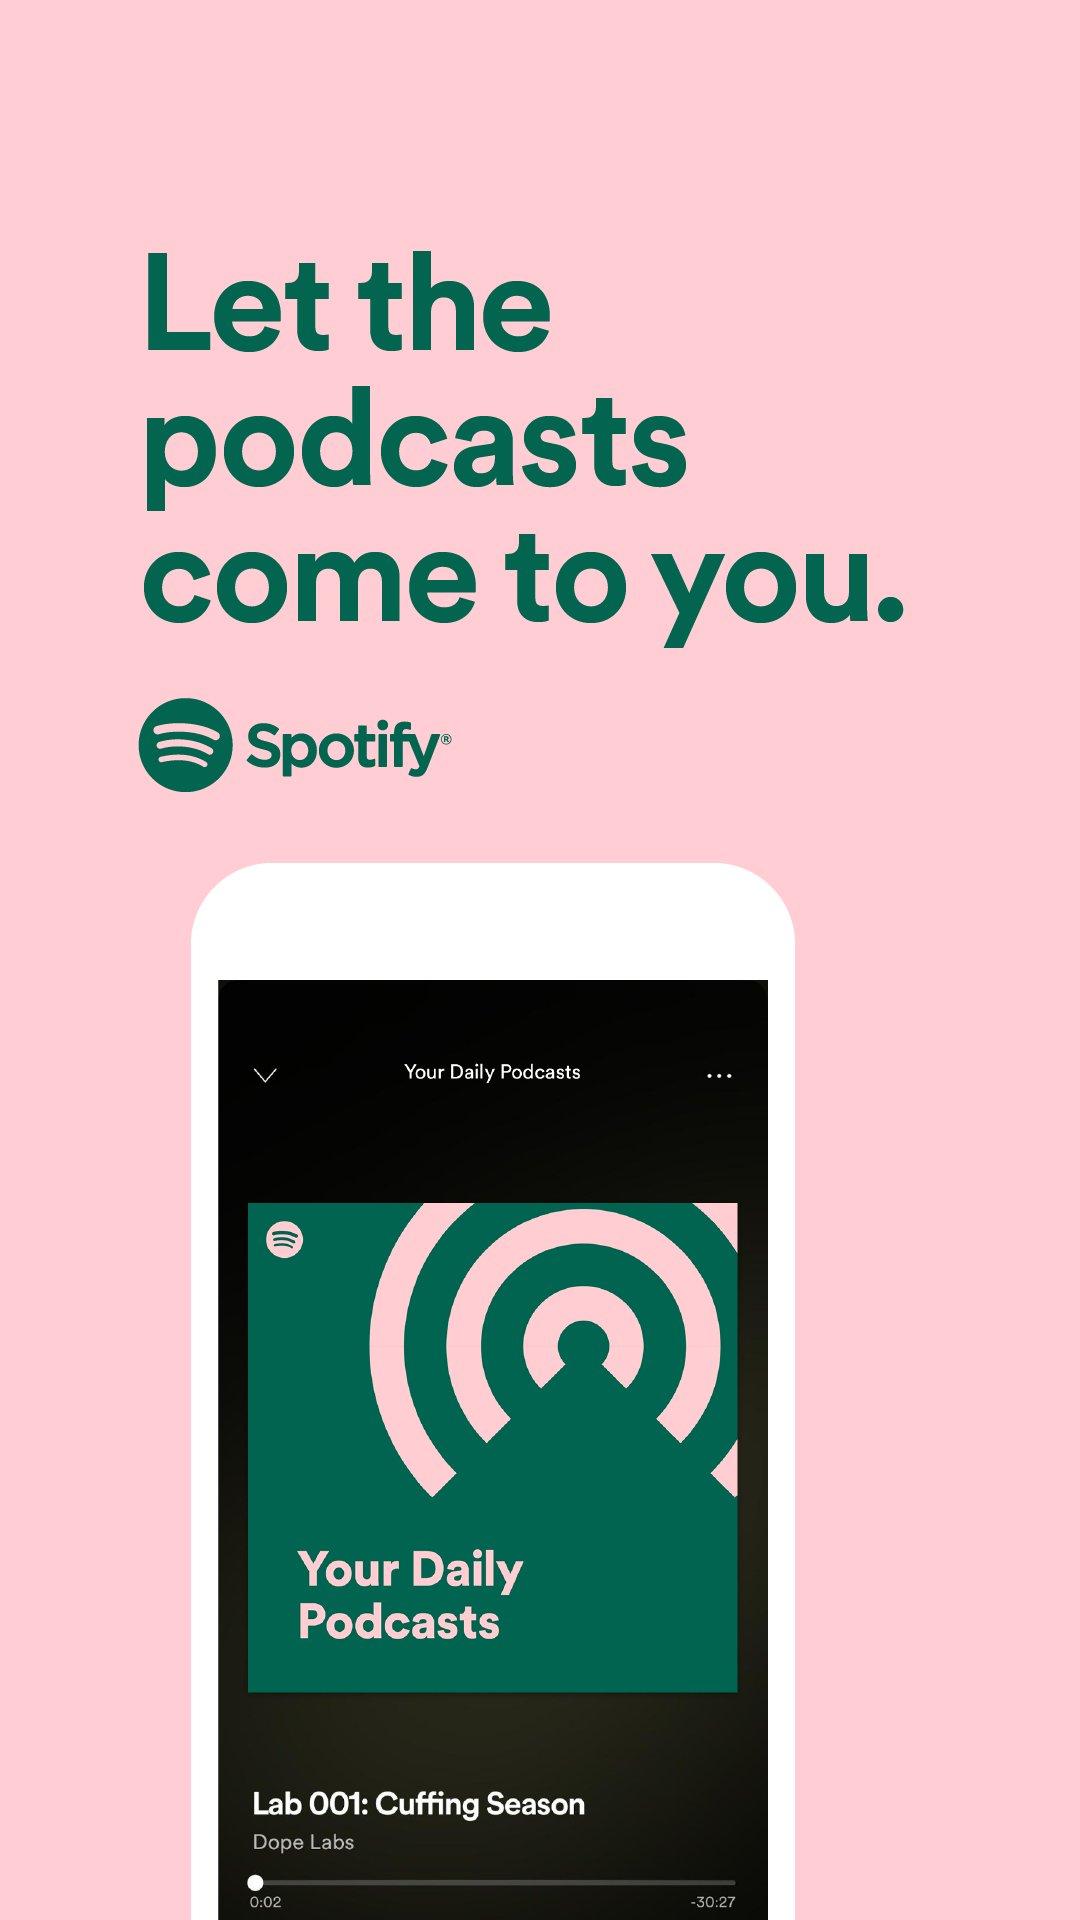 spotify_daily_podcast.jpg